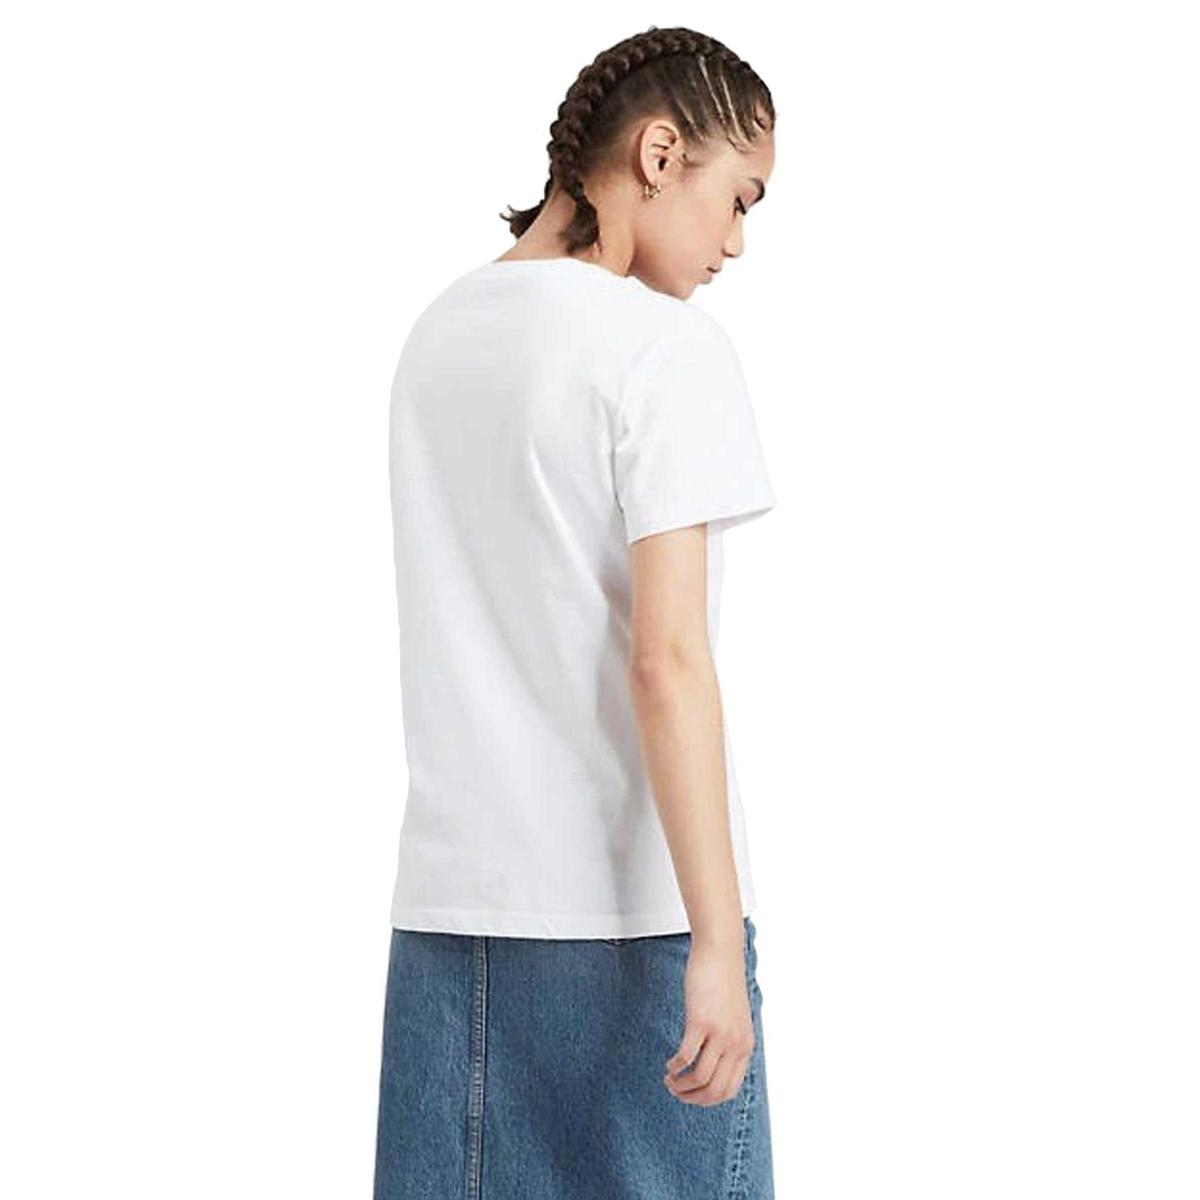 T-shirt Levi's Florence Tee con logo da donna rif. 80815-0001